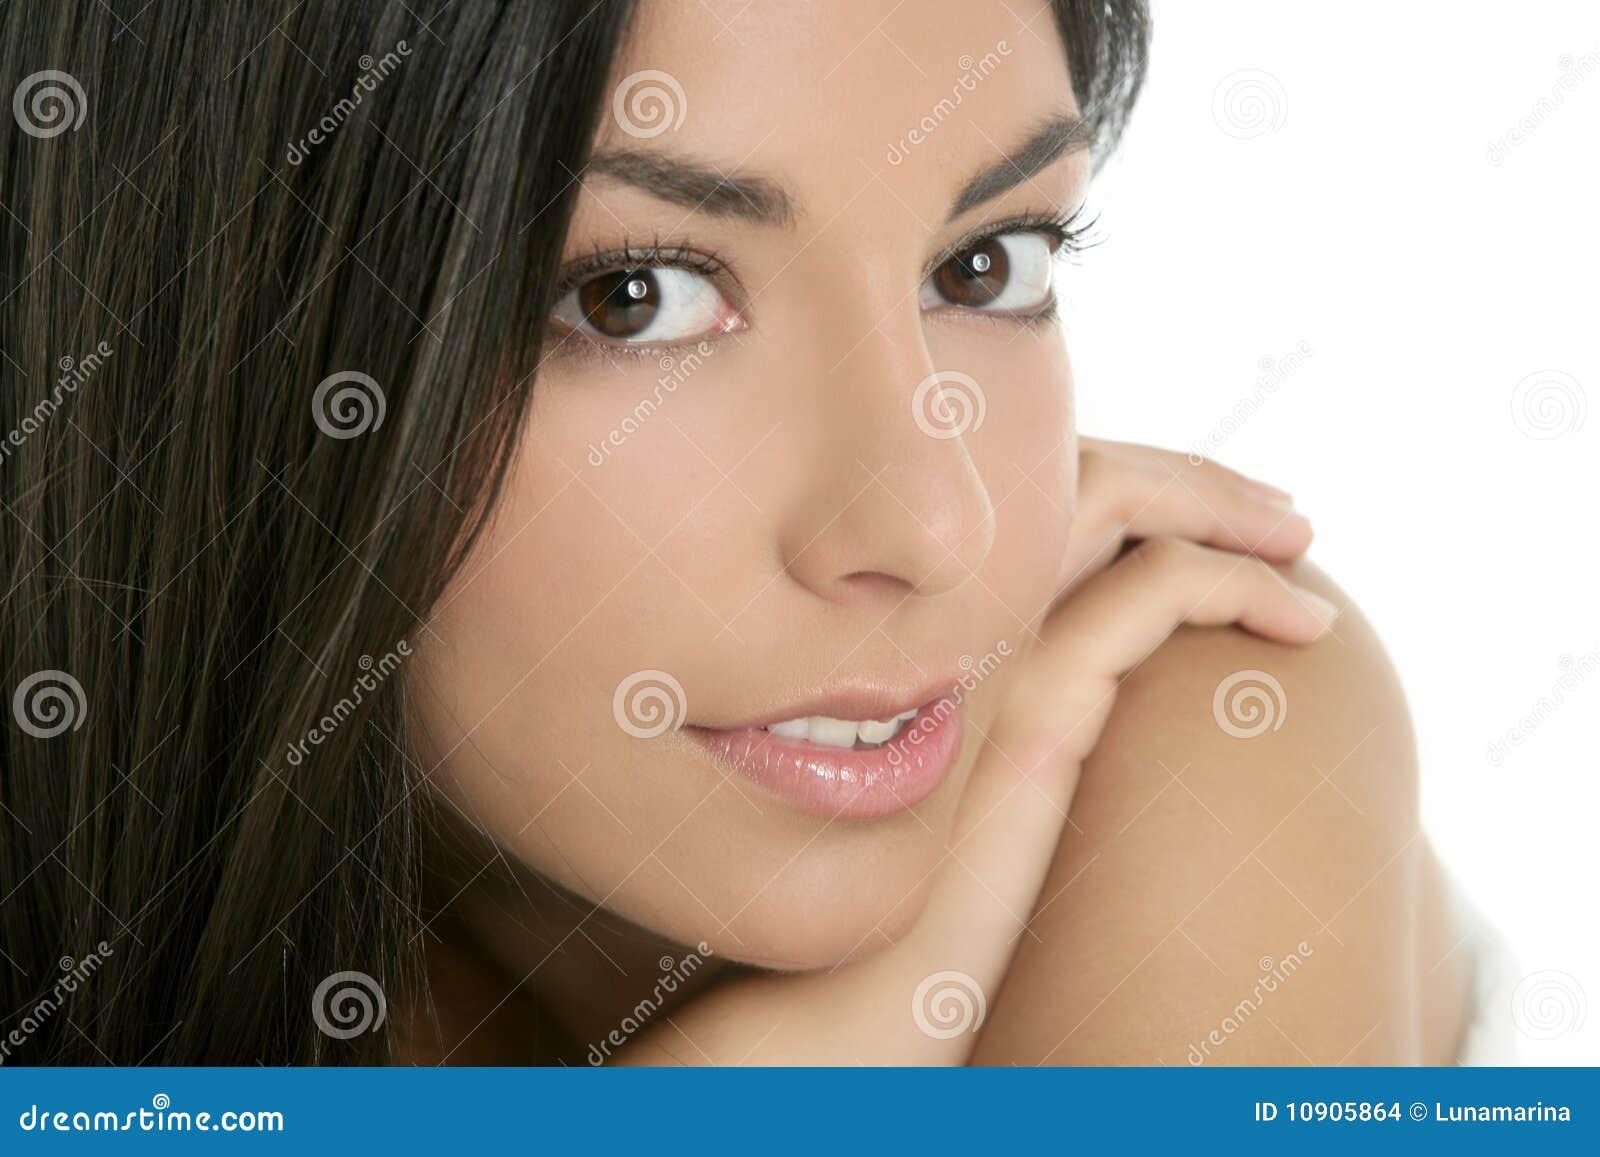 drummond brunette close - photo #45